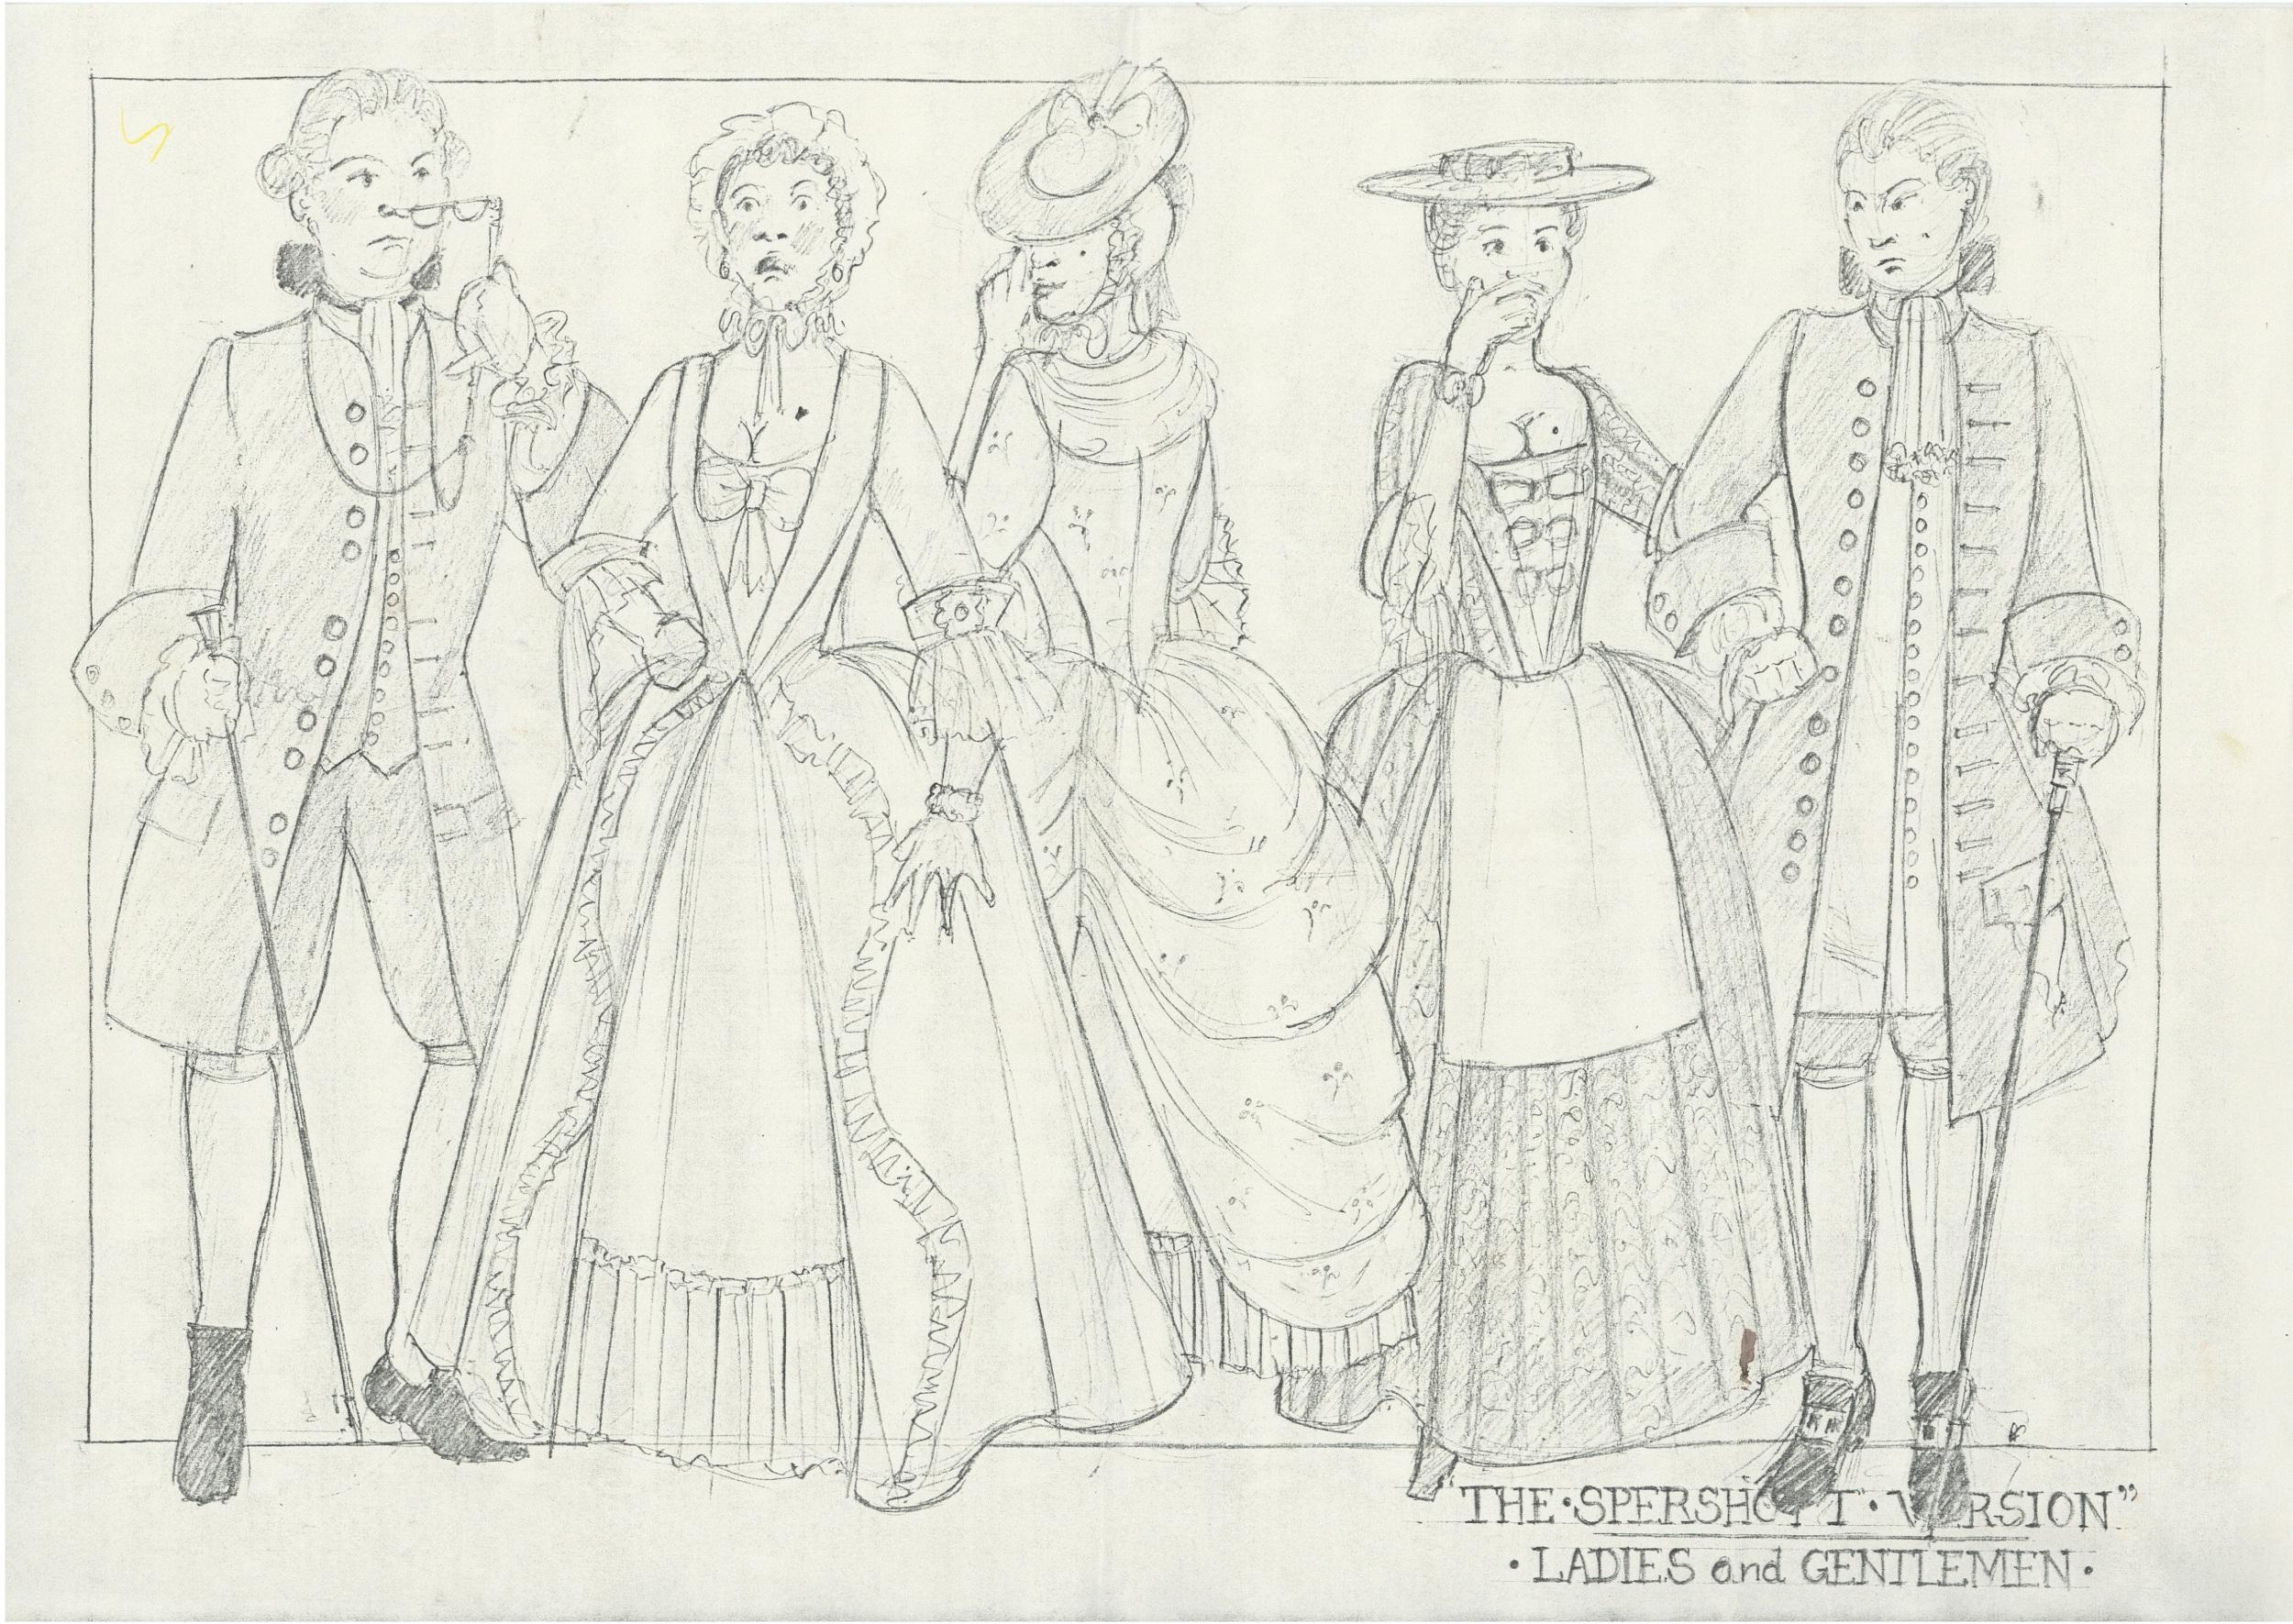 The Spershott Version 1986 Costume designs ladies & gentlemen